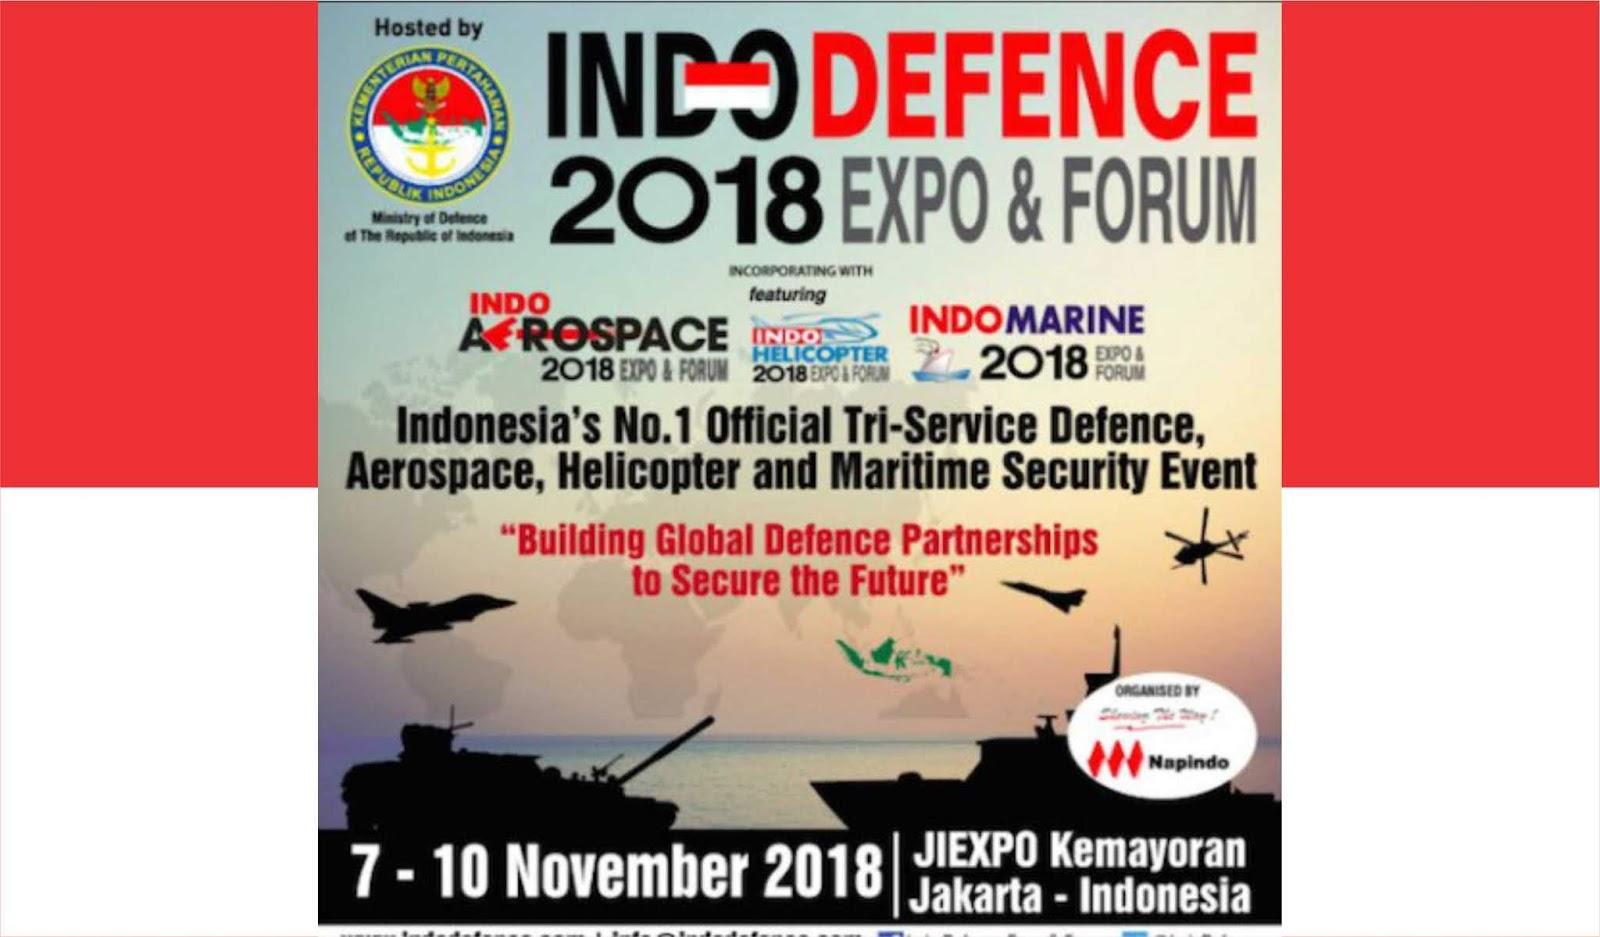 Indo Defence 2018 Expo & Forum saatnya untuk swasta menampilkan produknya